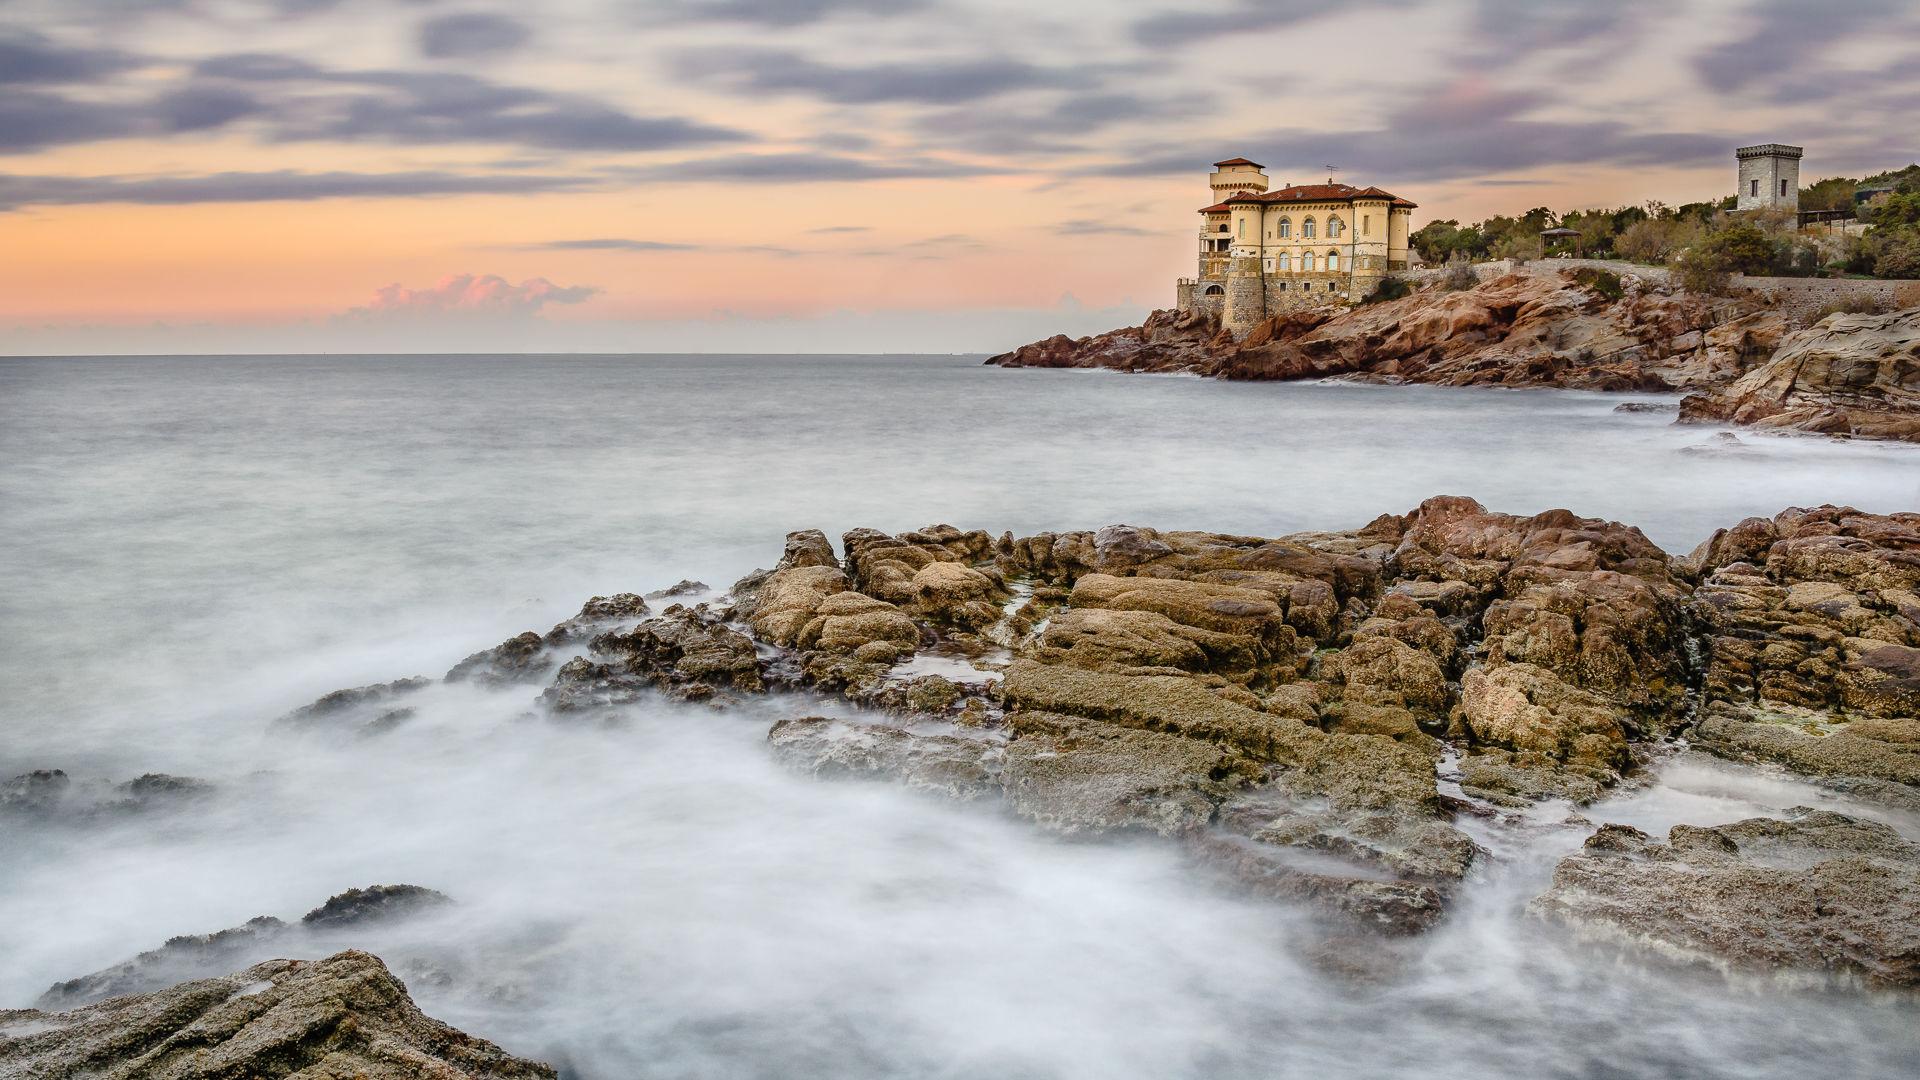 One evening in Castel Mug...